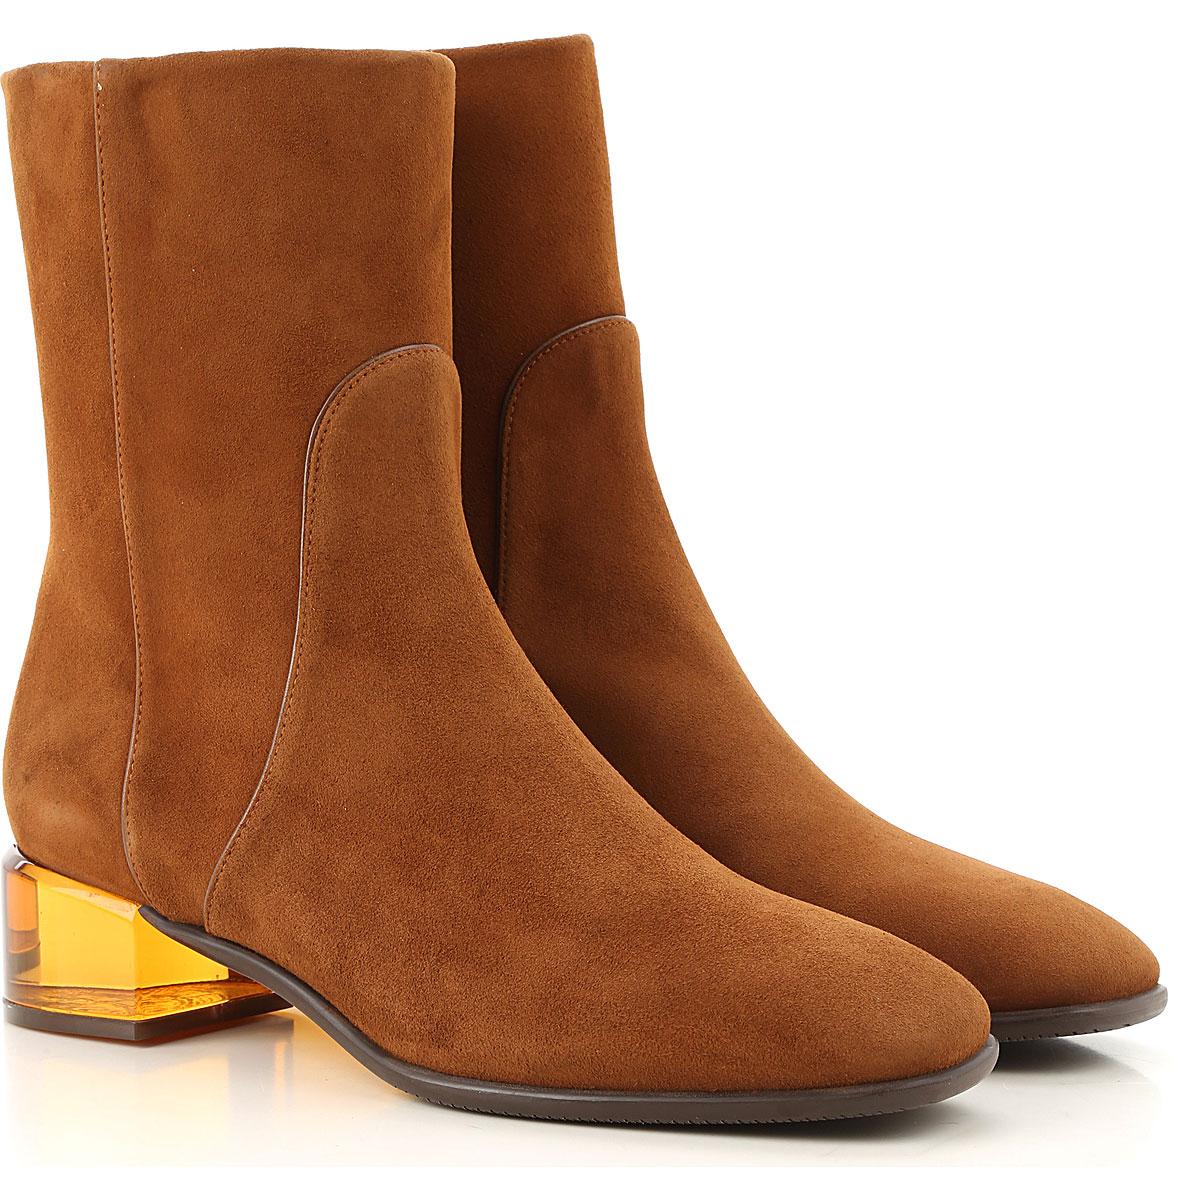 Stuart Weitzman Boots For Women, Booties On Sale, Coffee, Suede Leather, 2019, Us 4.5 ( Eu 35) Us 8.5  (Eu 39) Us 7.5  (Eu 38) Us 6.5 (Eu 37) Us 5.5 (Eu 36) Us 9.5 (Eu 40)